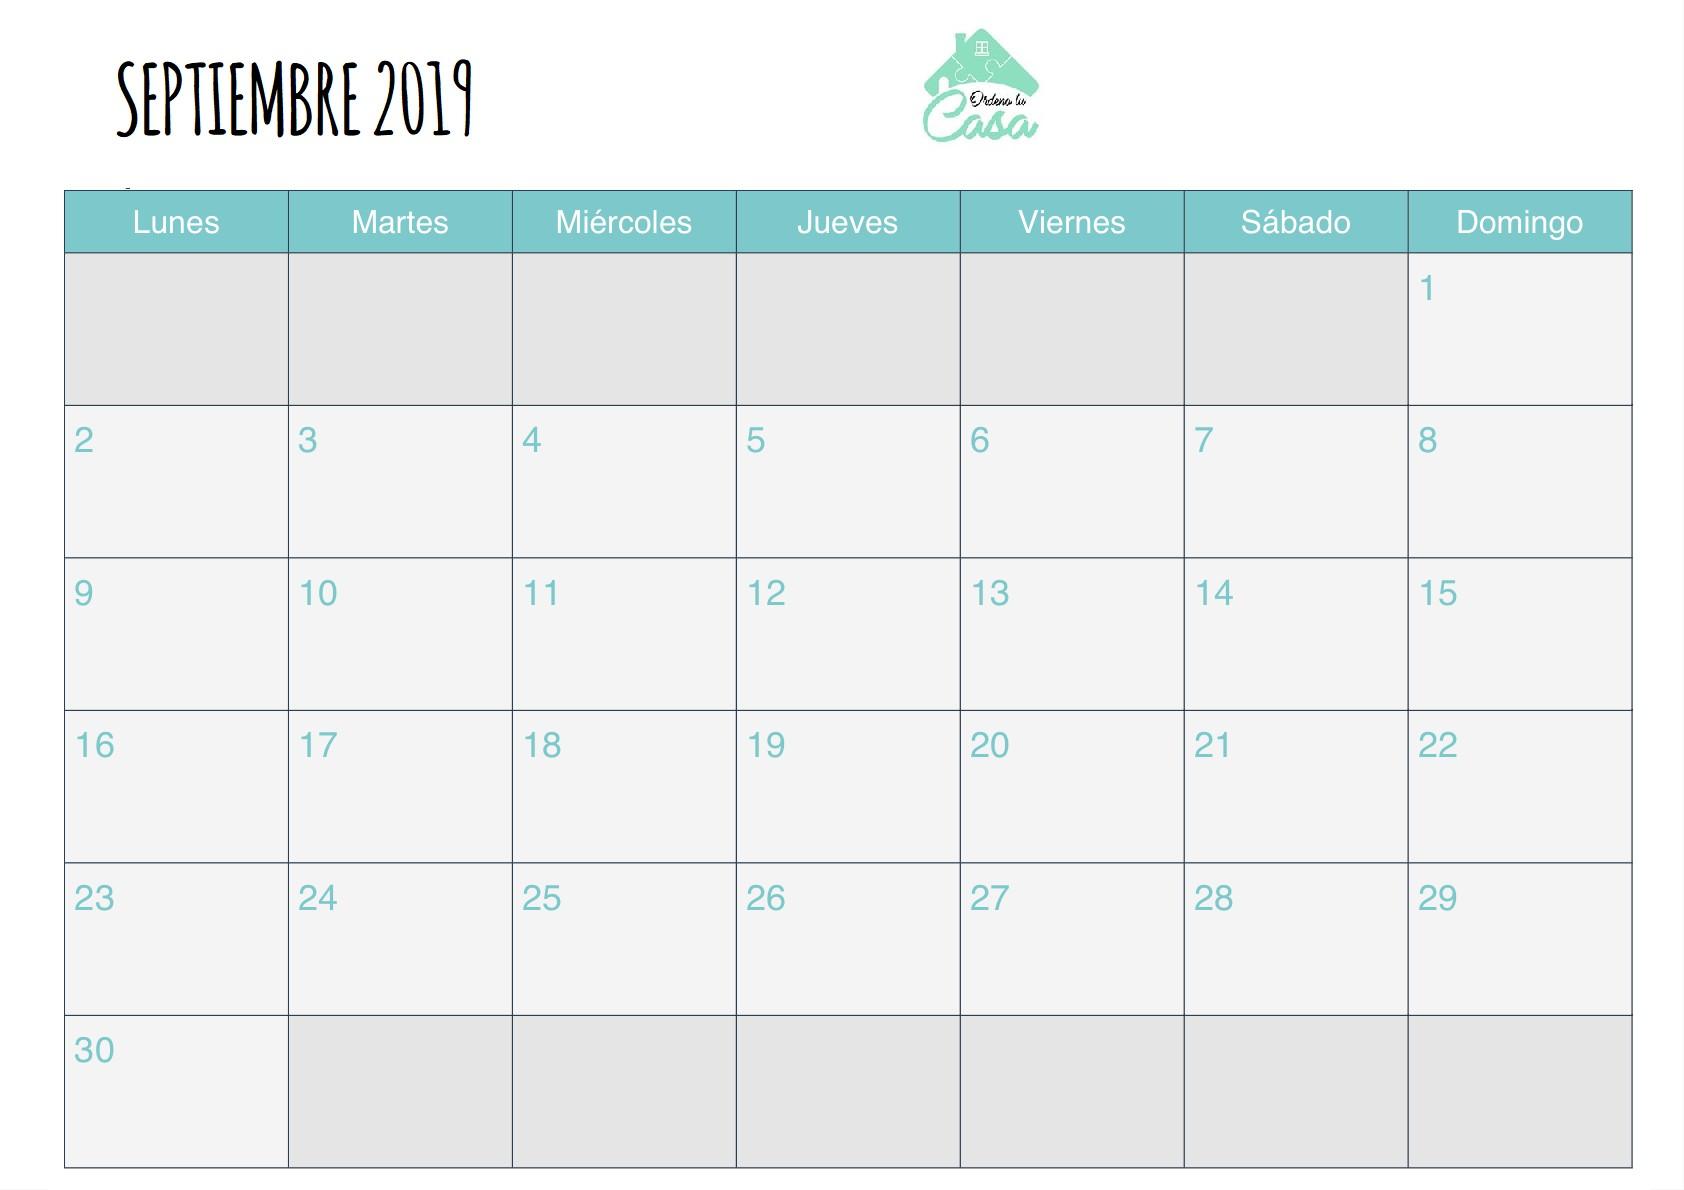 Calendario 2019 Chile Imprimir Excel Más Reciente Calendario Mes De Septiembre Of Calendario 2019 Chile Imprimir Excel Más Actual Calendario Abril 2019 Para Imprimir